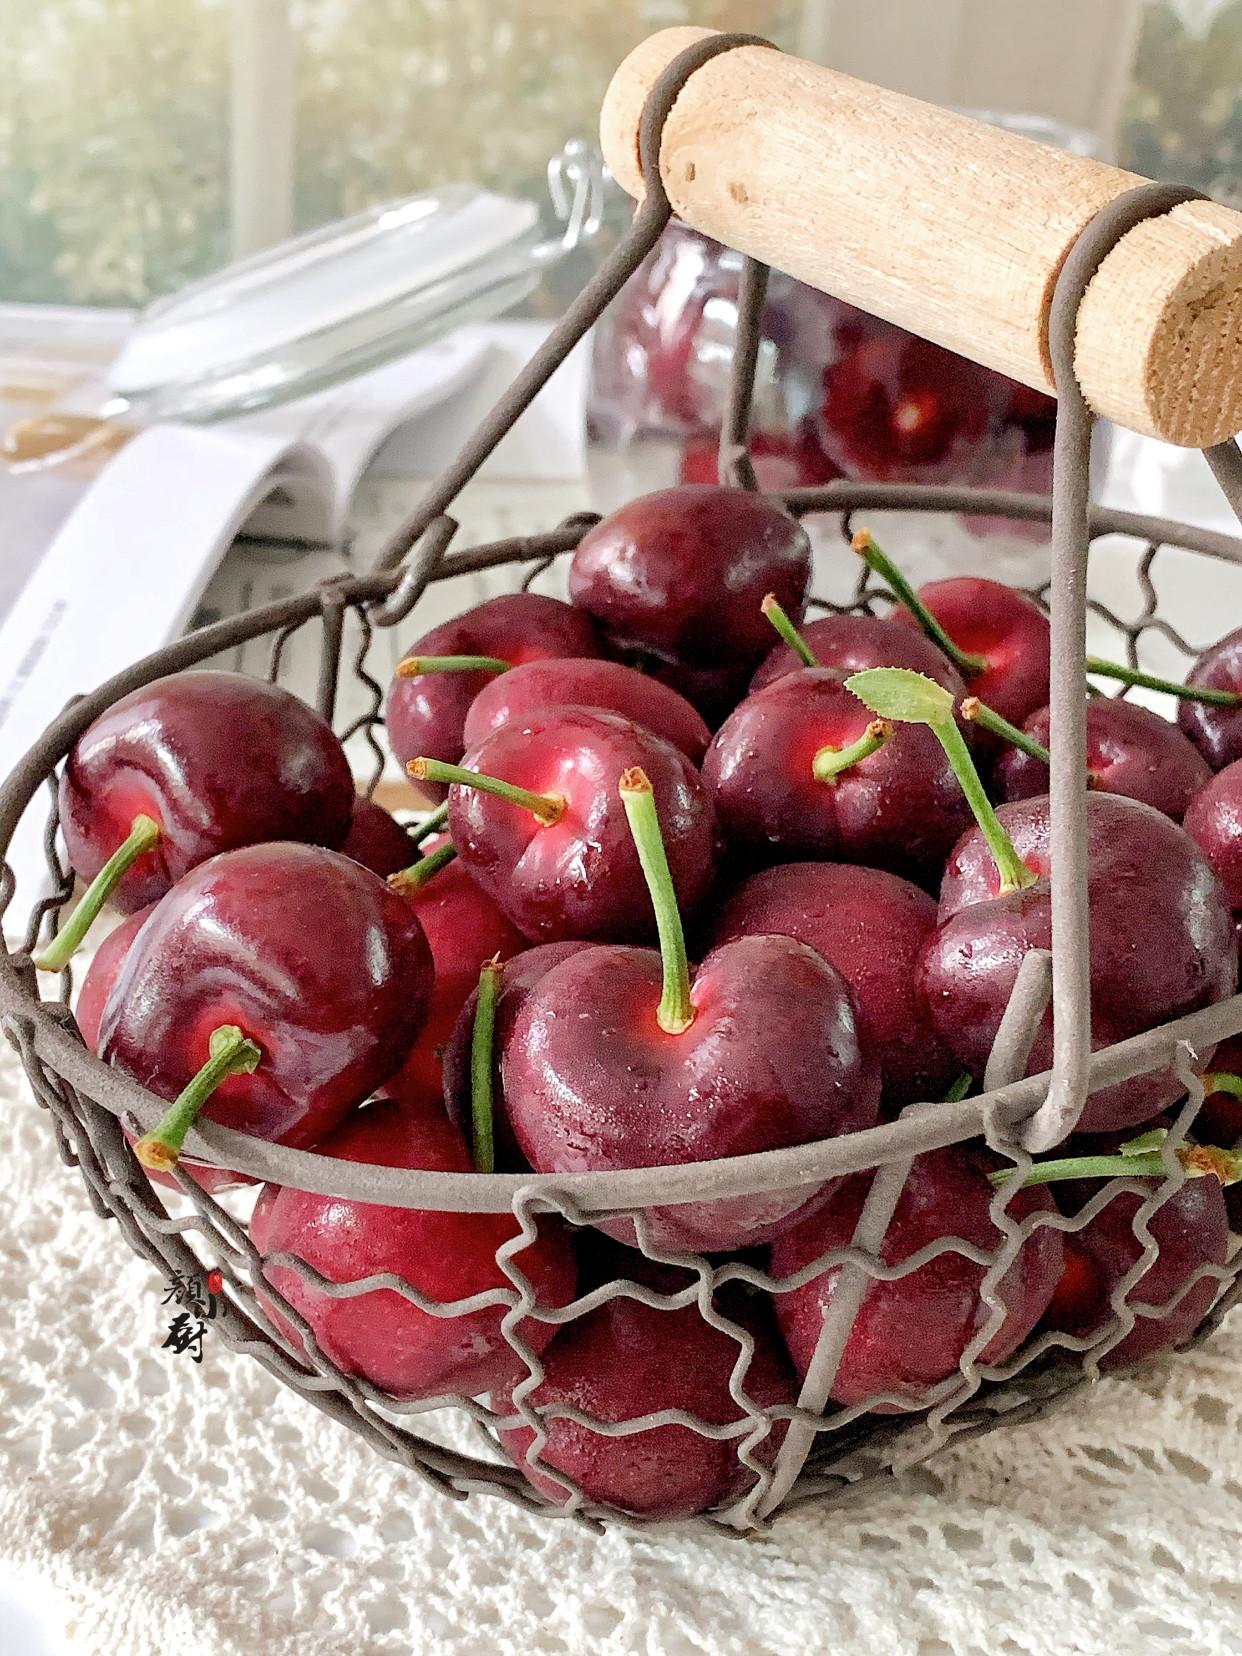 4月,遇到这碱性水果别手软,目前正是上市季,营养极高,别错过 美食做法 第11张